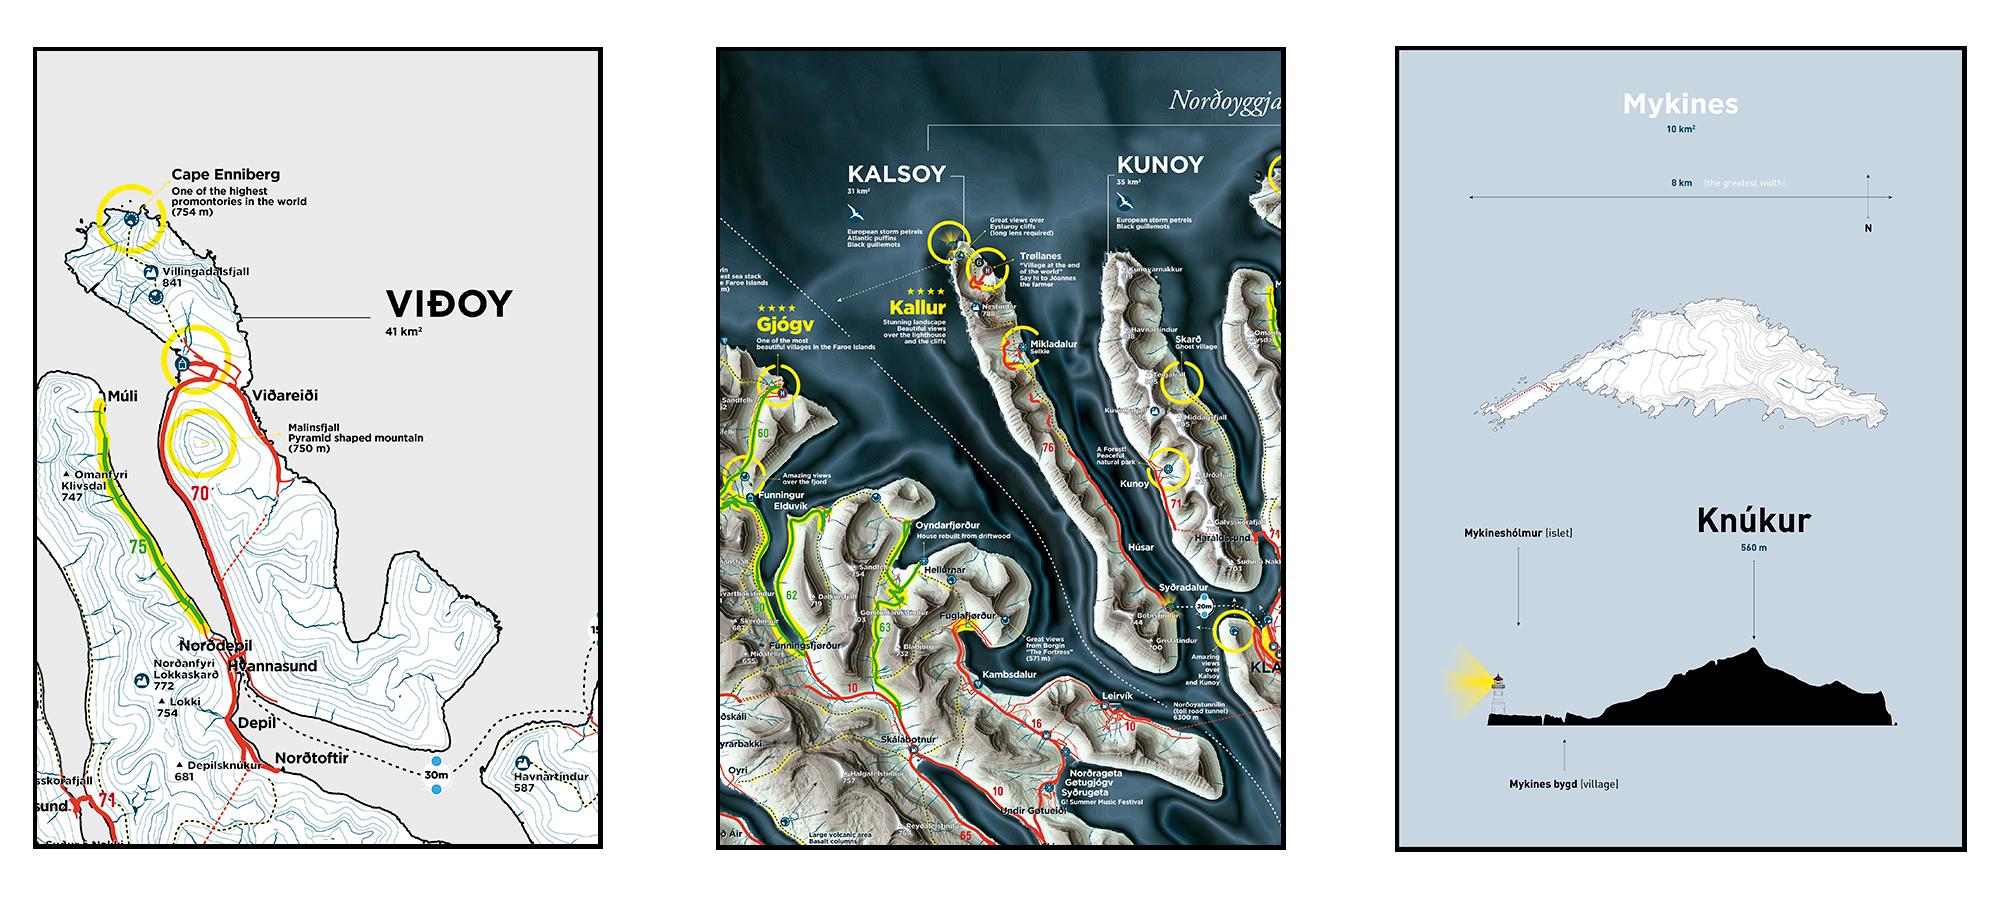 MAP-GUIDE-DIGITAL-MAP-FAROE-ISLANDS